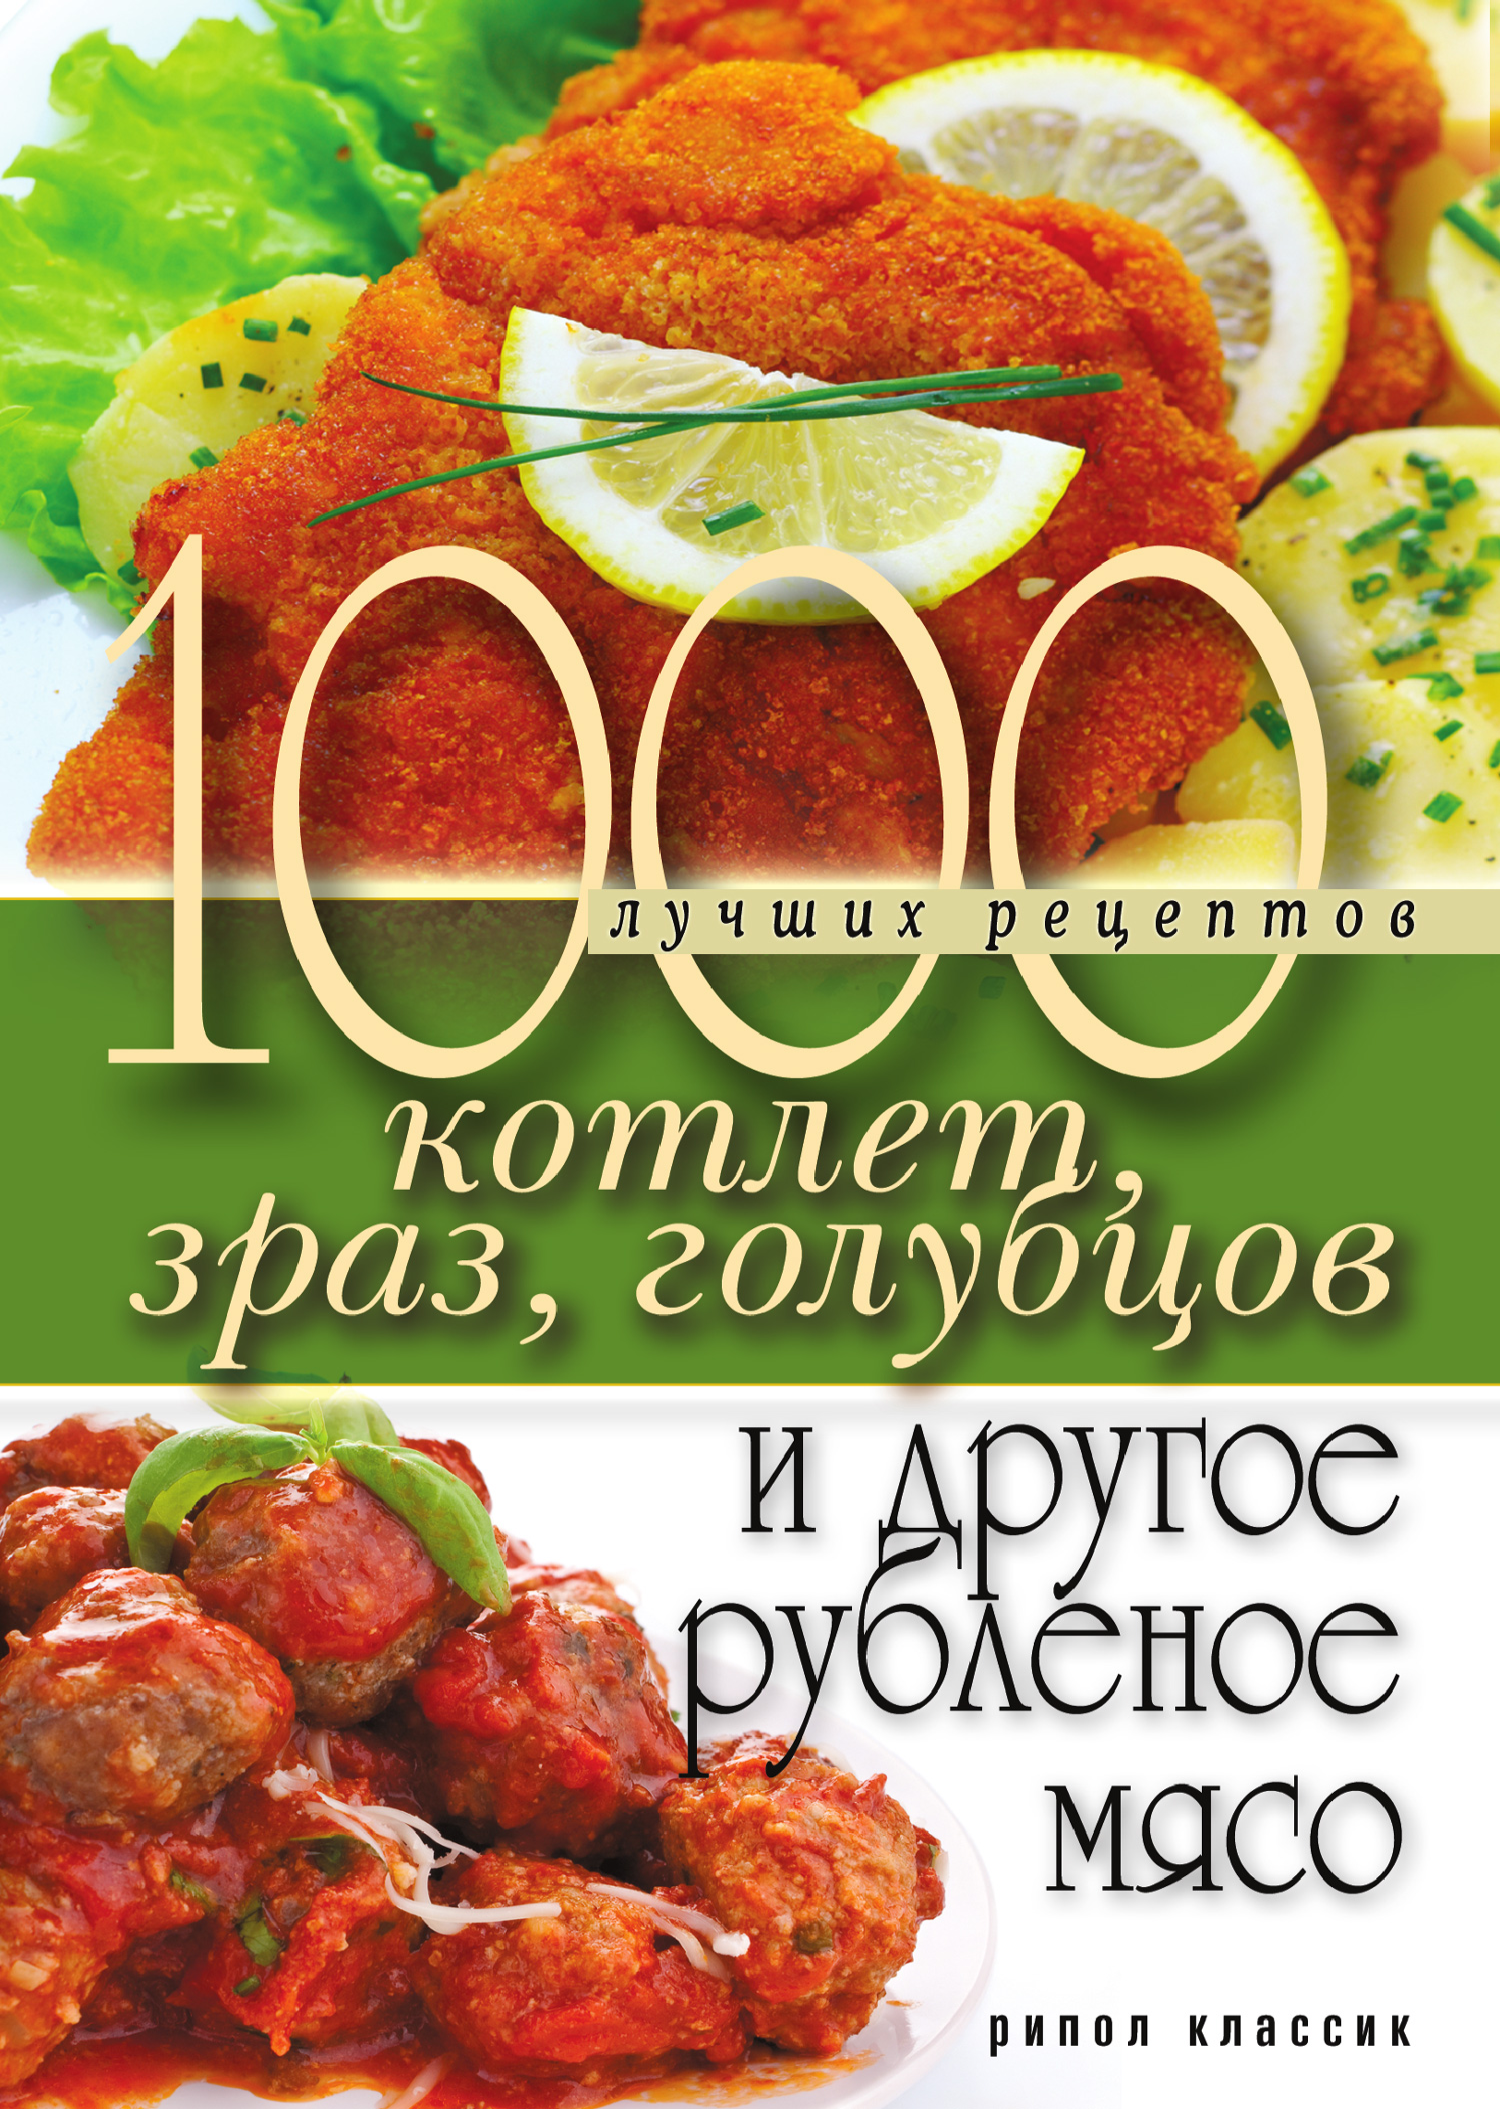 Дарья Нестерова 1000 лучших рецептов котлет, зраз, голубцов и другое рубленое мясо дарья нестерова лечимся овощами целители с грядок